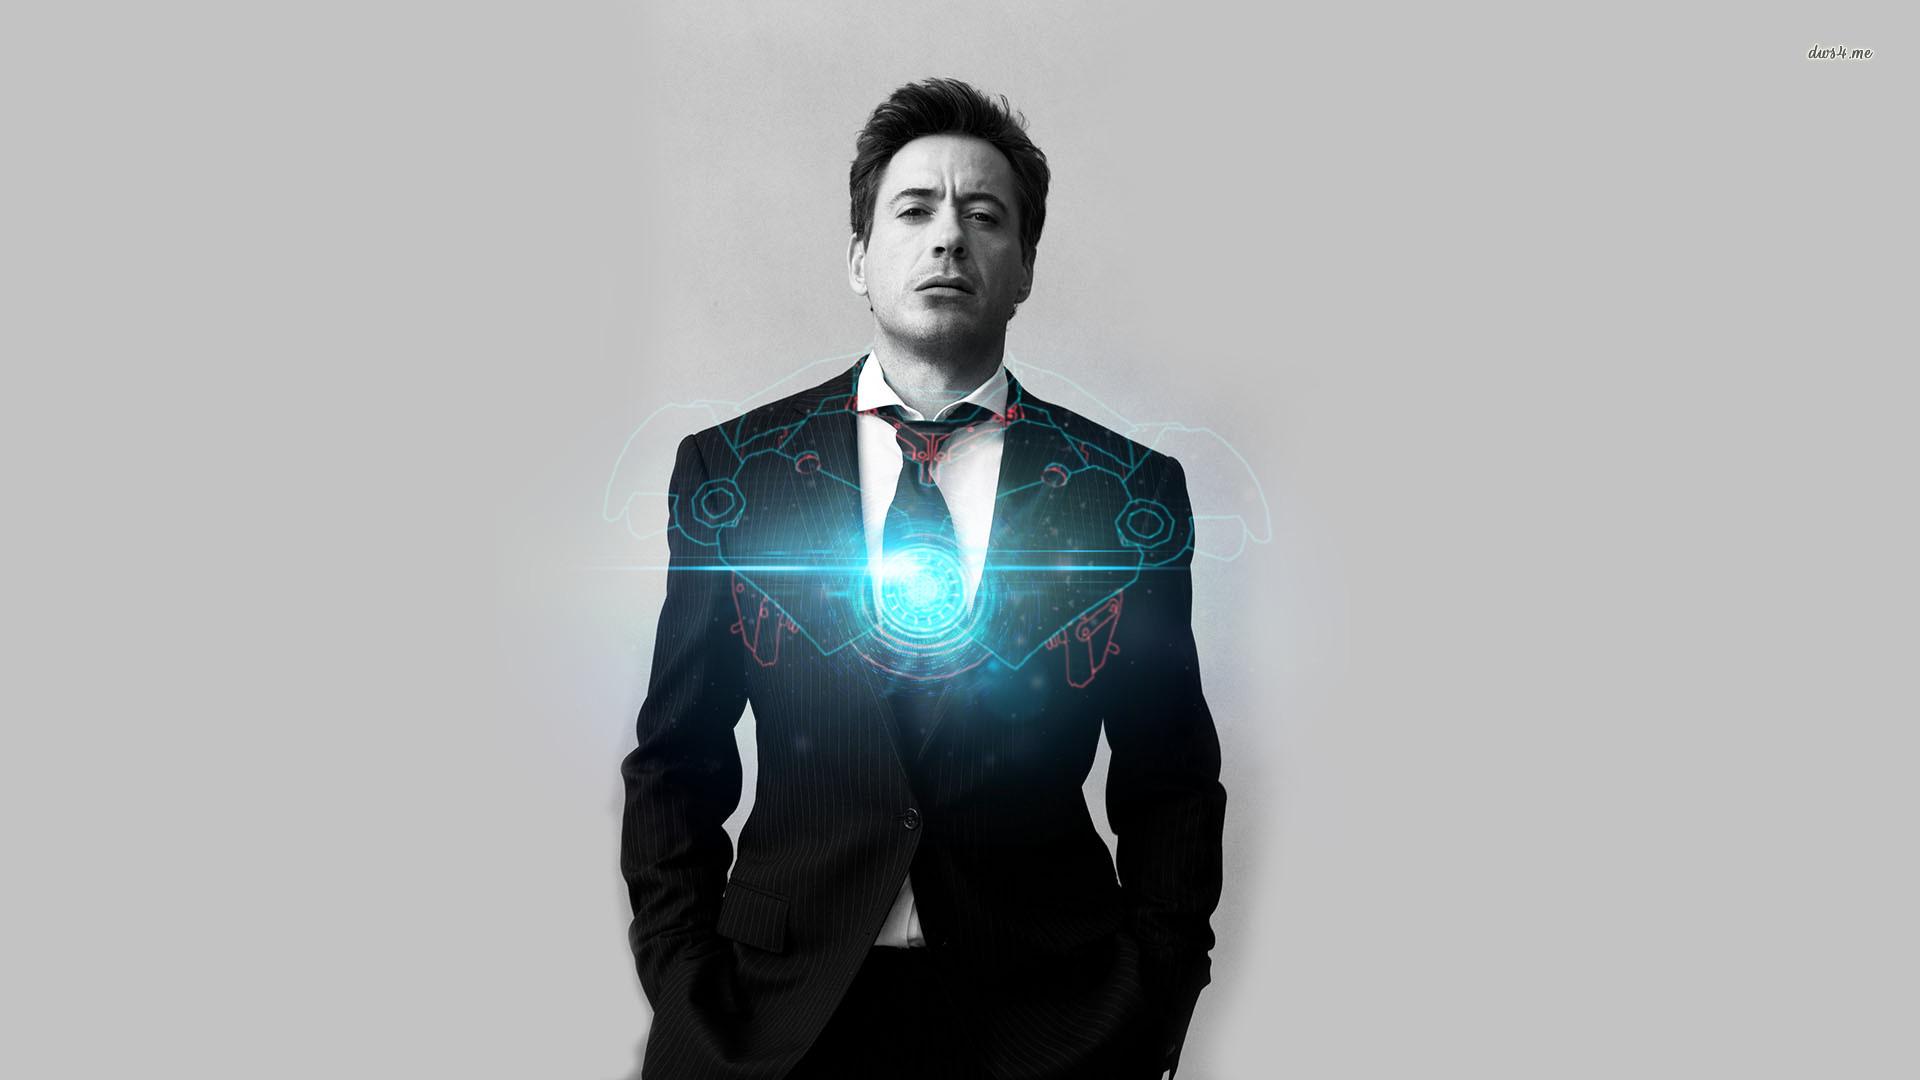 Robert Downey Jr Iron Man Wallpaper ①